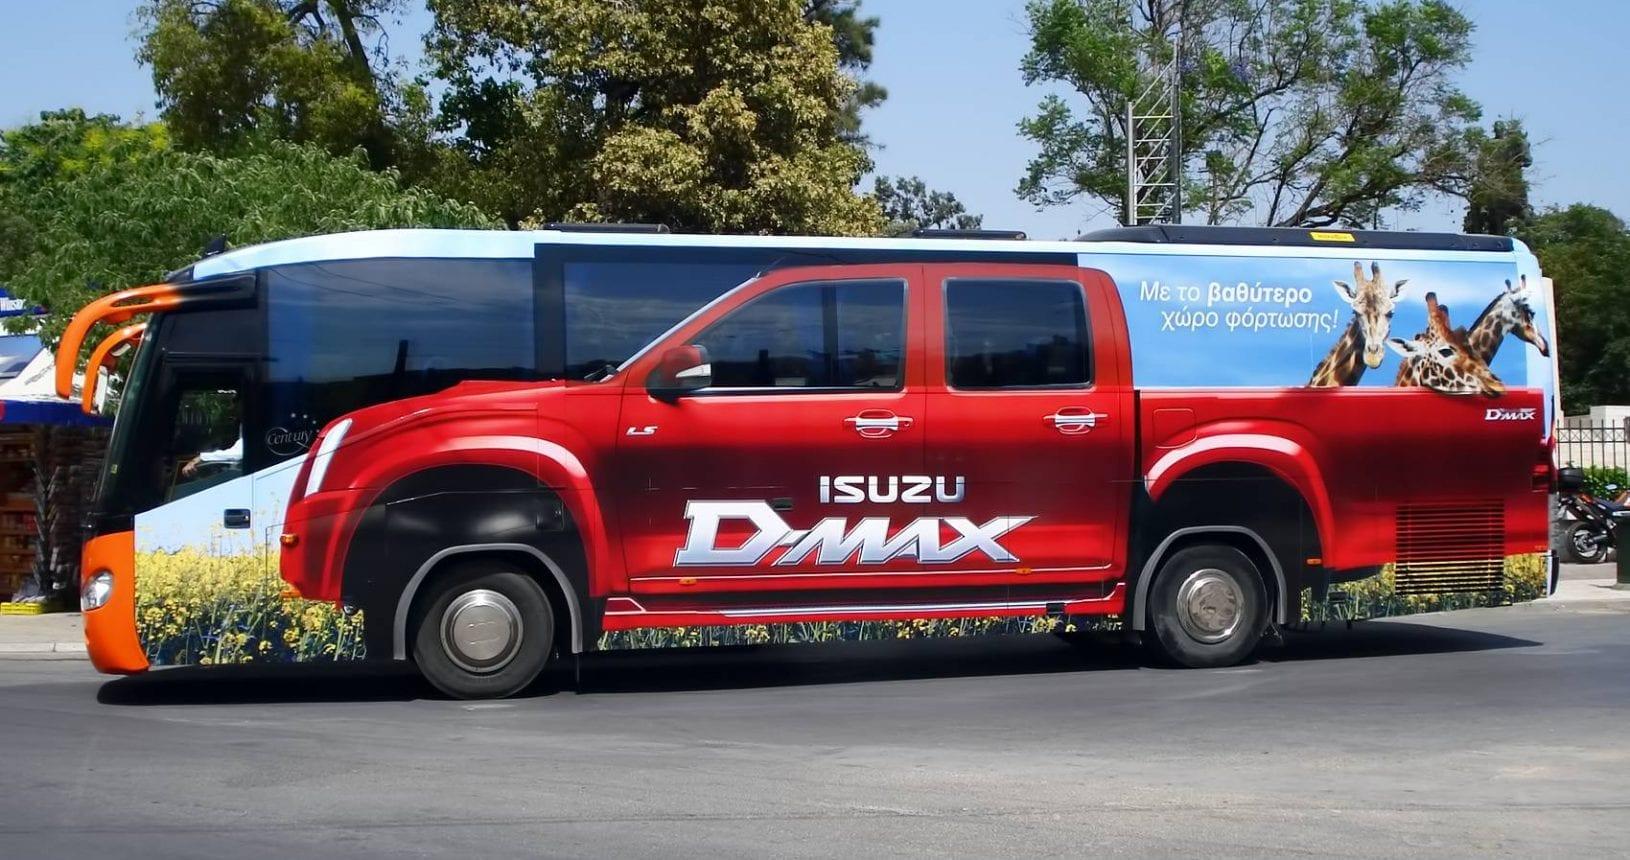 προώθηση προϊόντωνσε λεωφορεία ΚΤΕΛ